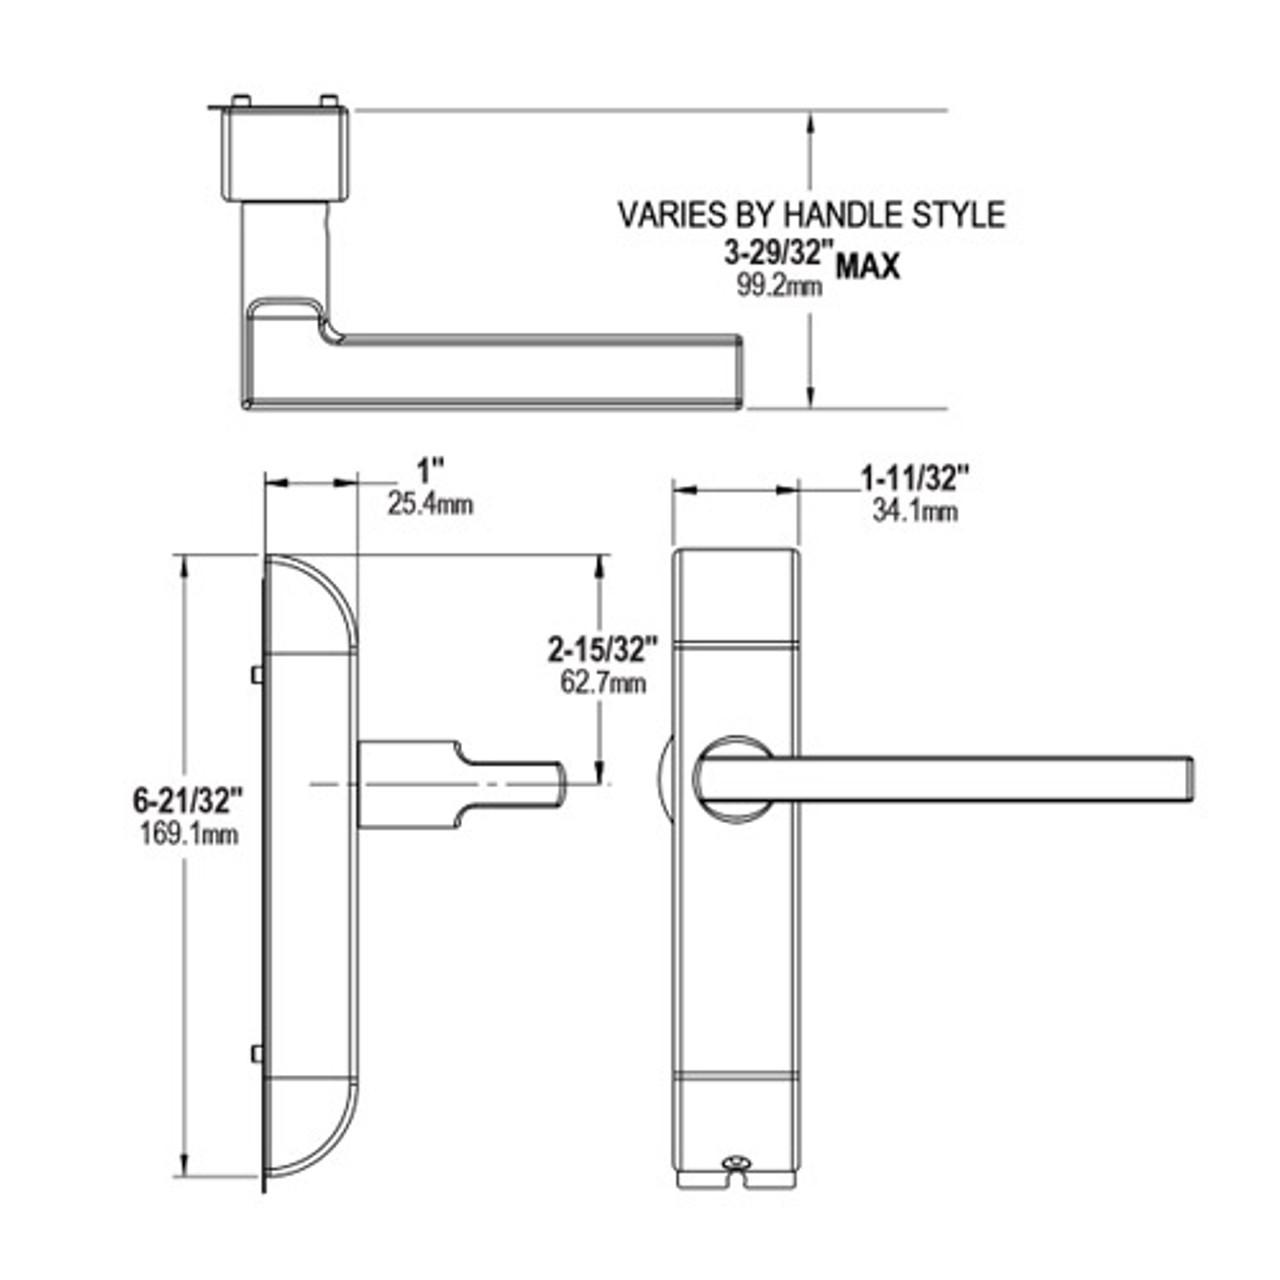 4600-MG-631-US4 Adams Rite MG Designer handle Dimensional View